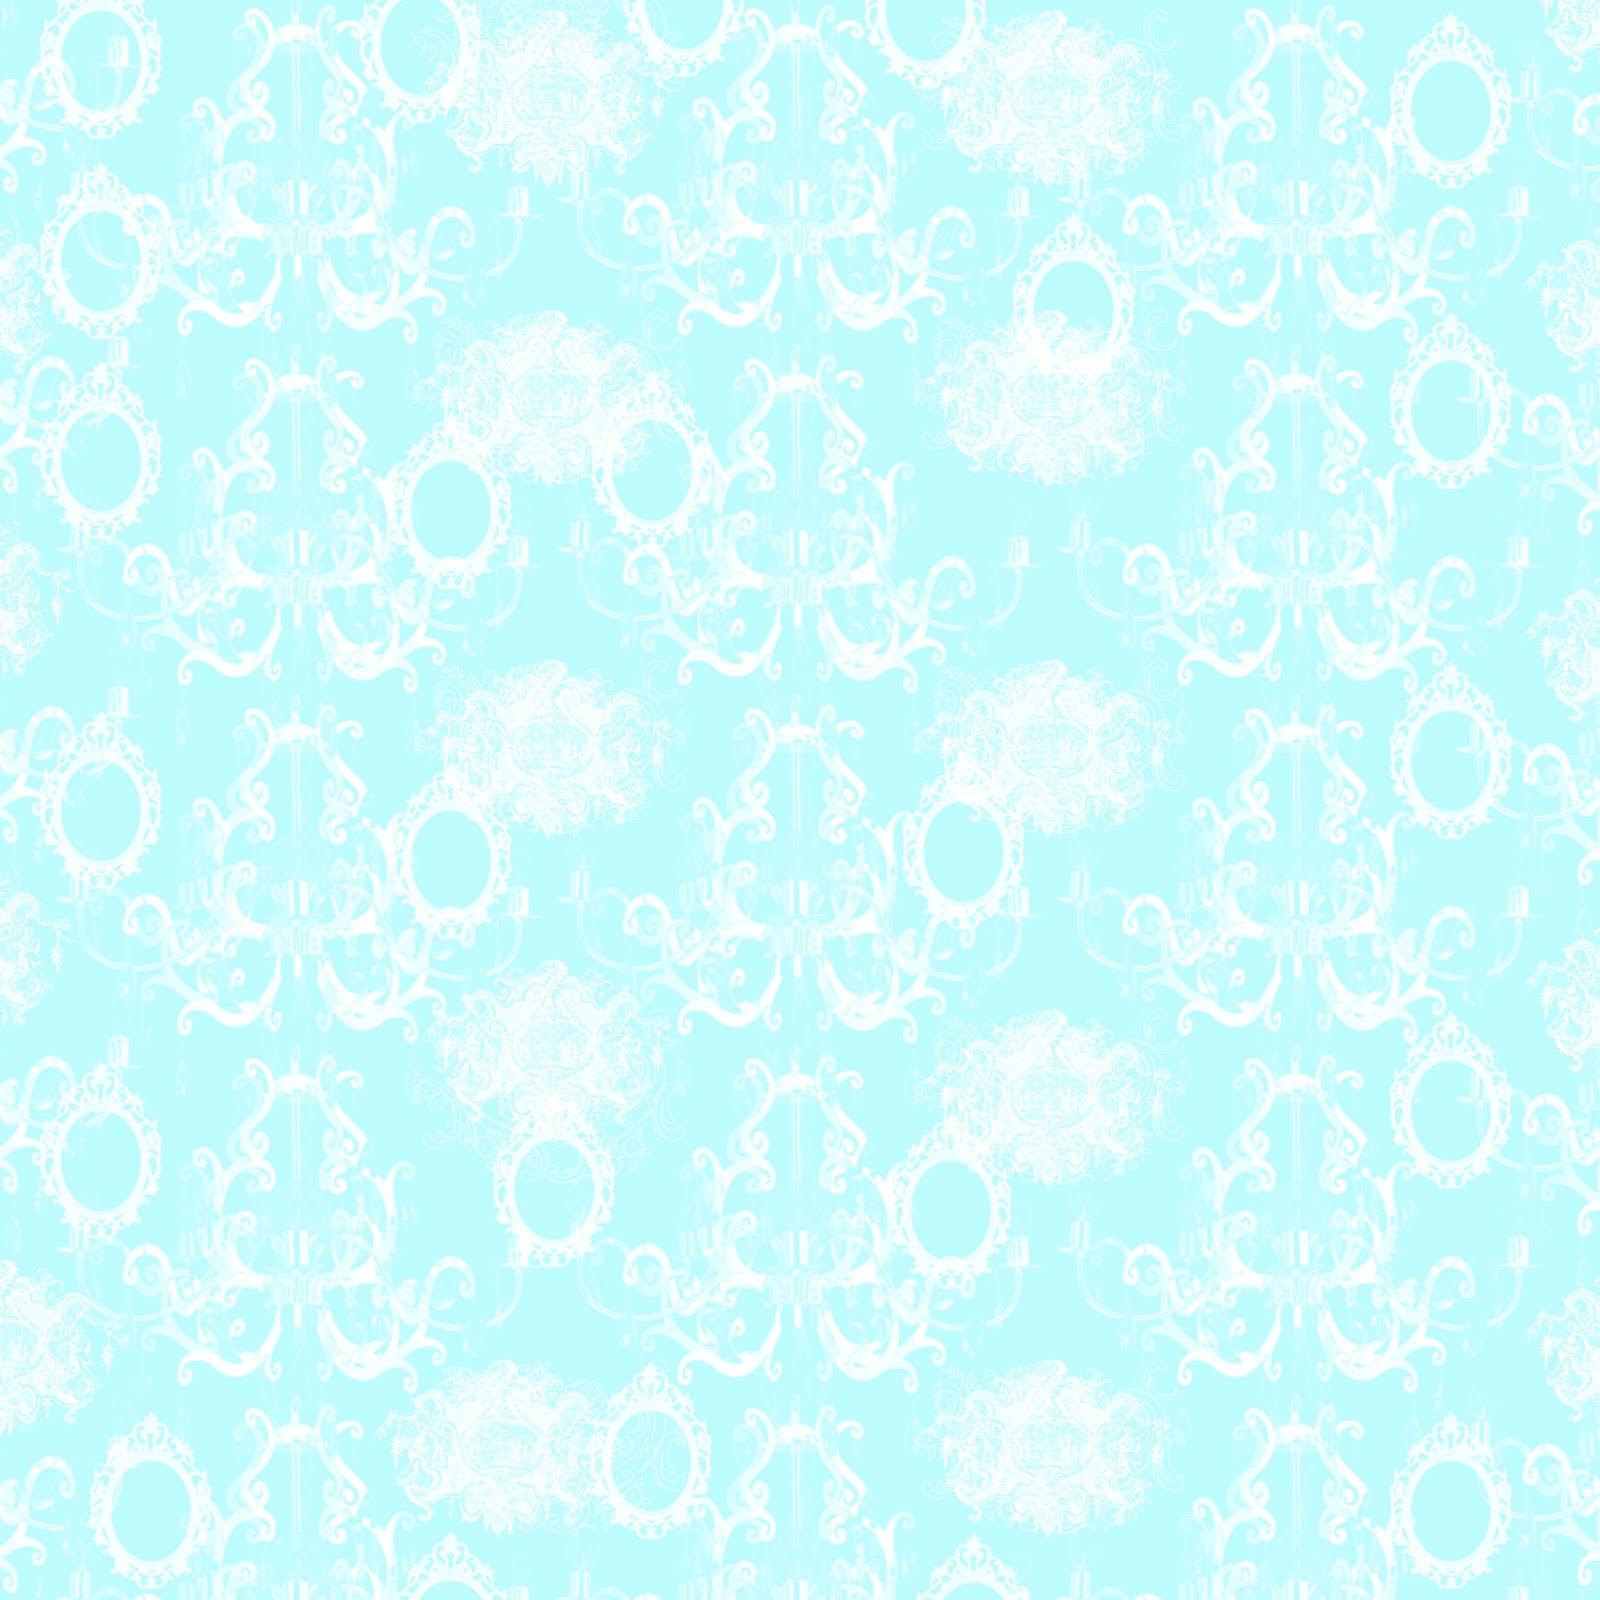 Bonjourvintage Free Digital Scrapbook Paper